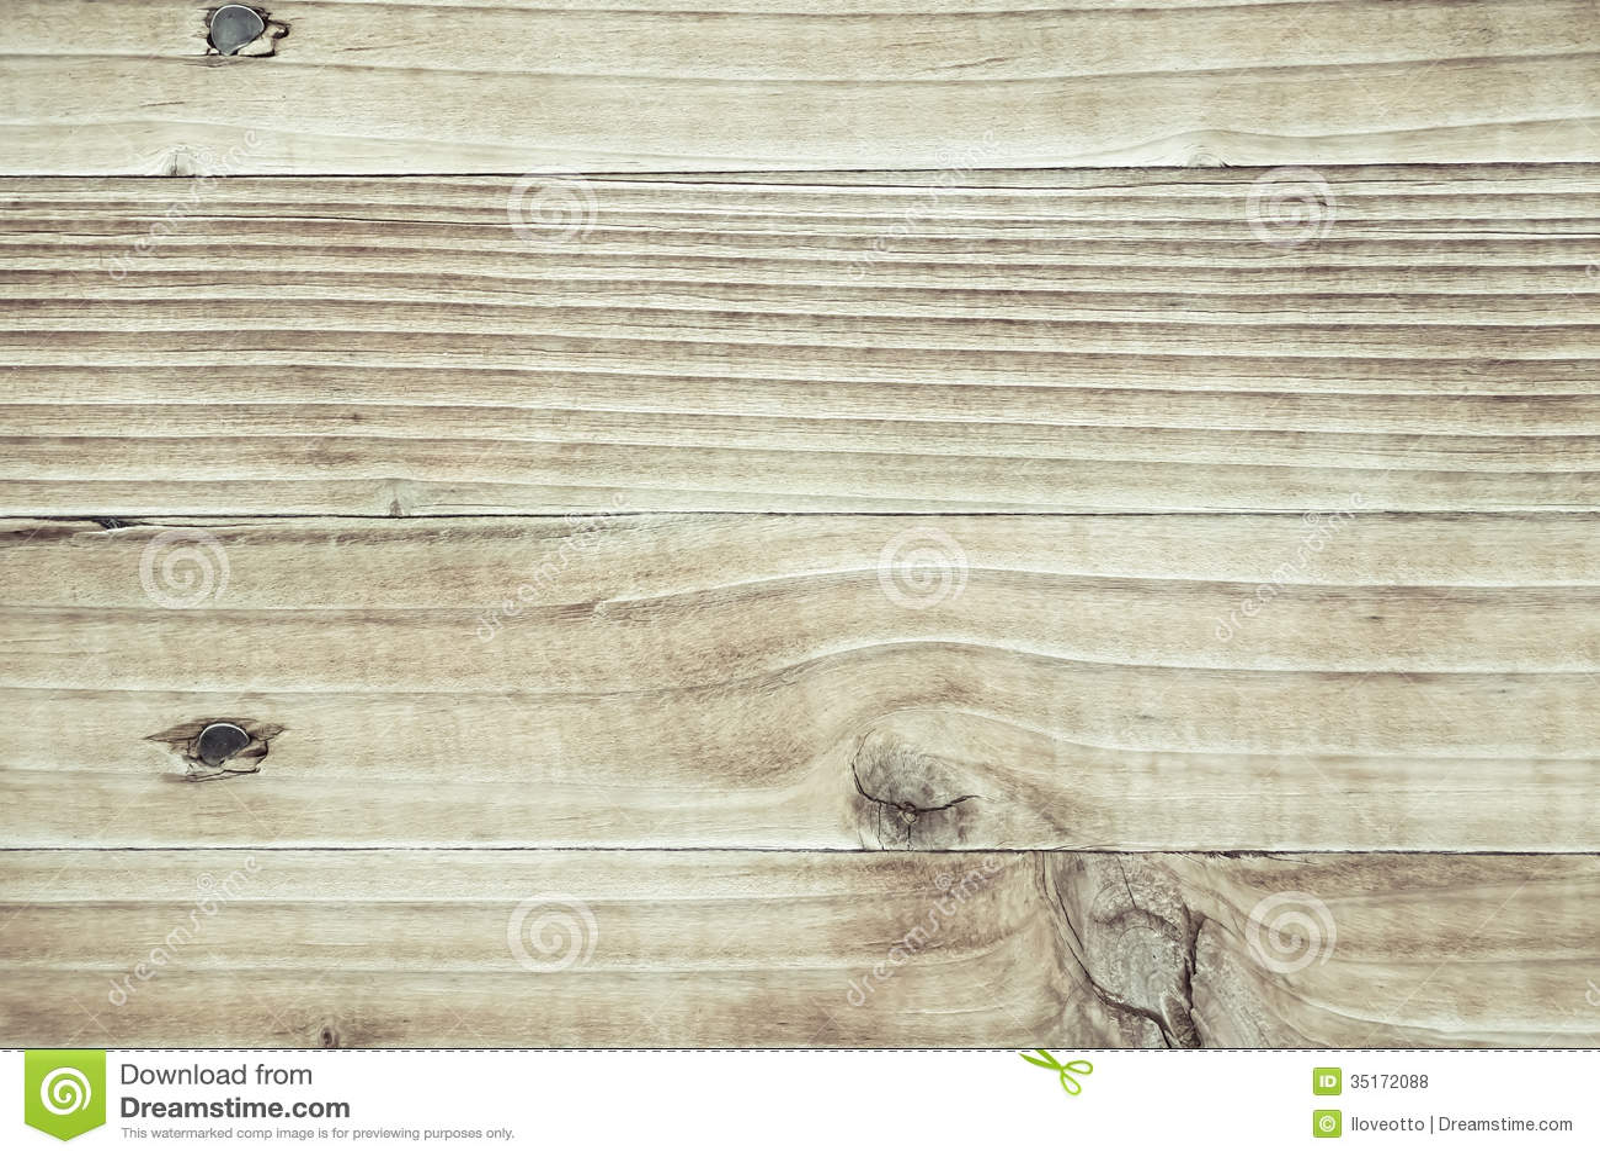 texture en bois de brun de planche de vintage photo stock image du puce grunge 35172088. Black Bedroom Furniture Sets. Home Design Ideas